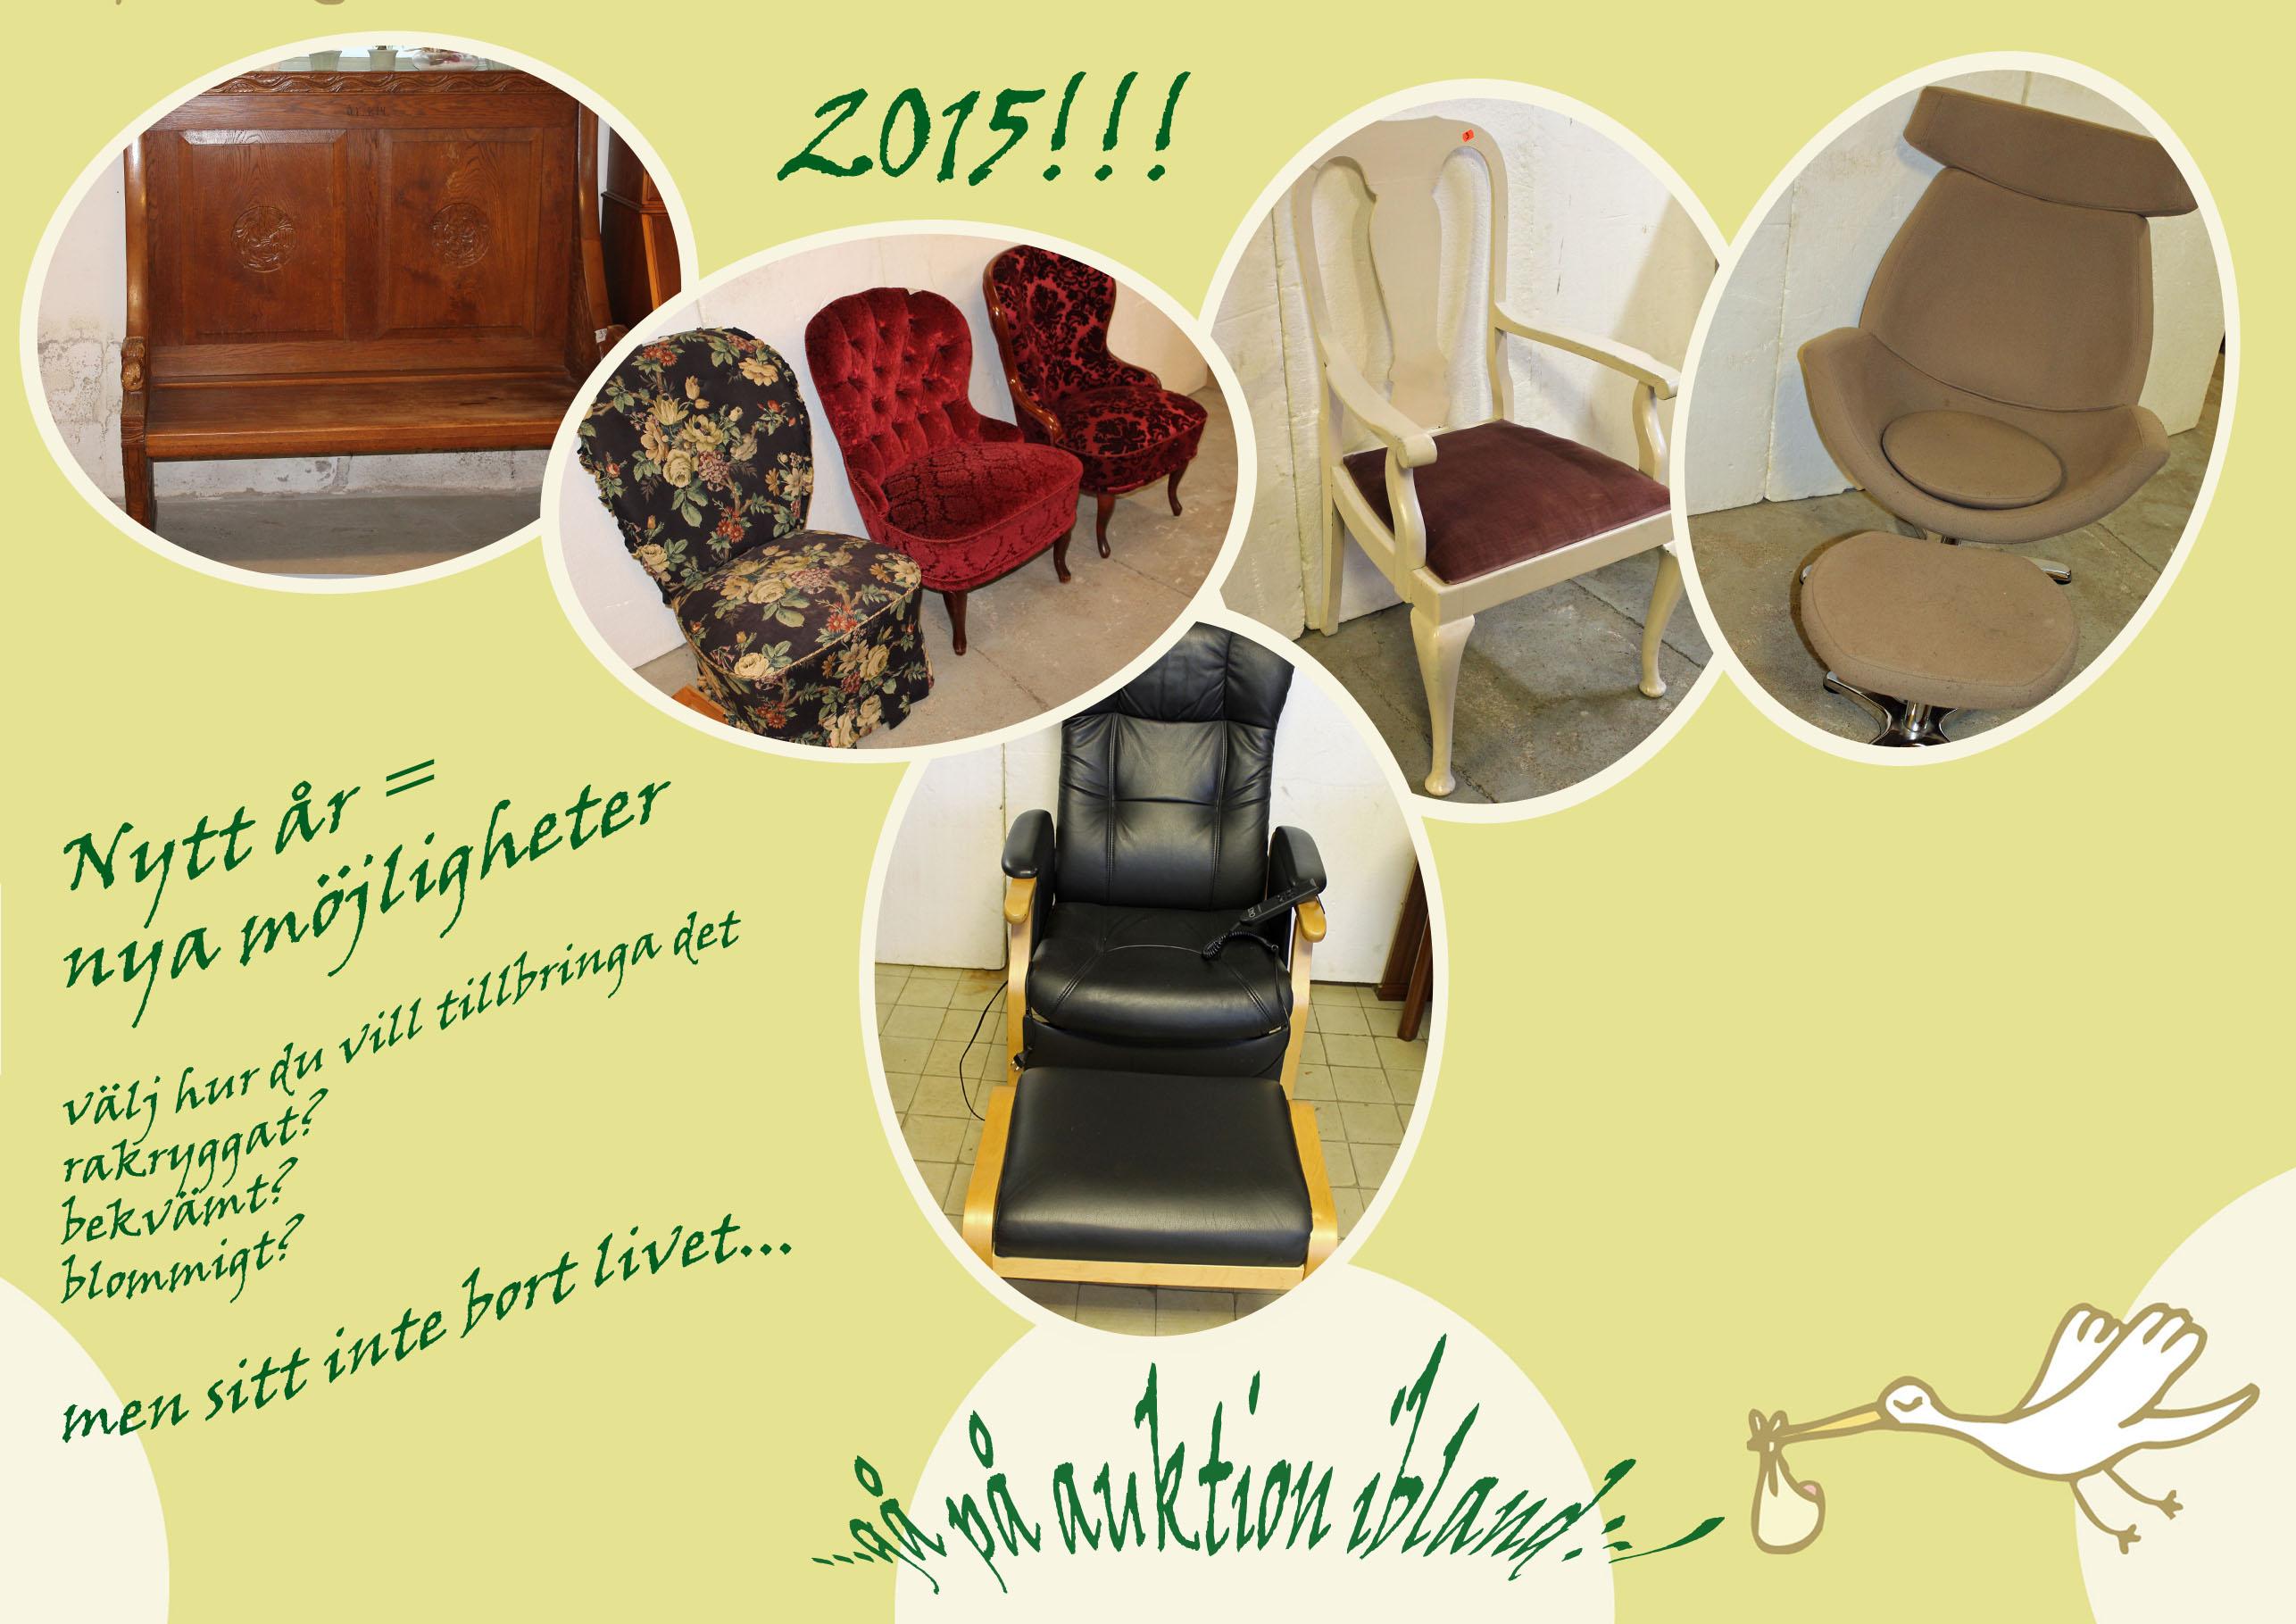 2015 nya möjligheter